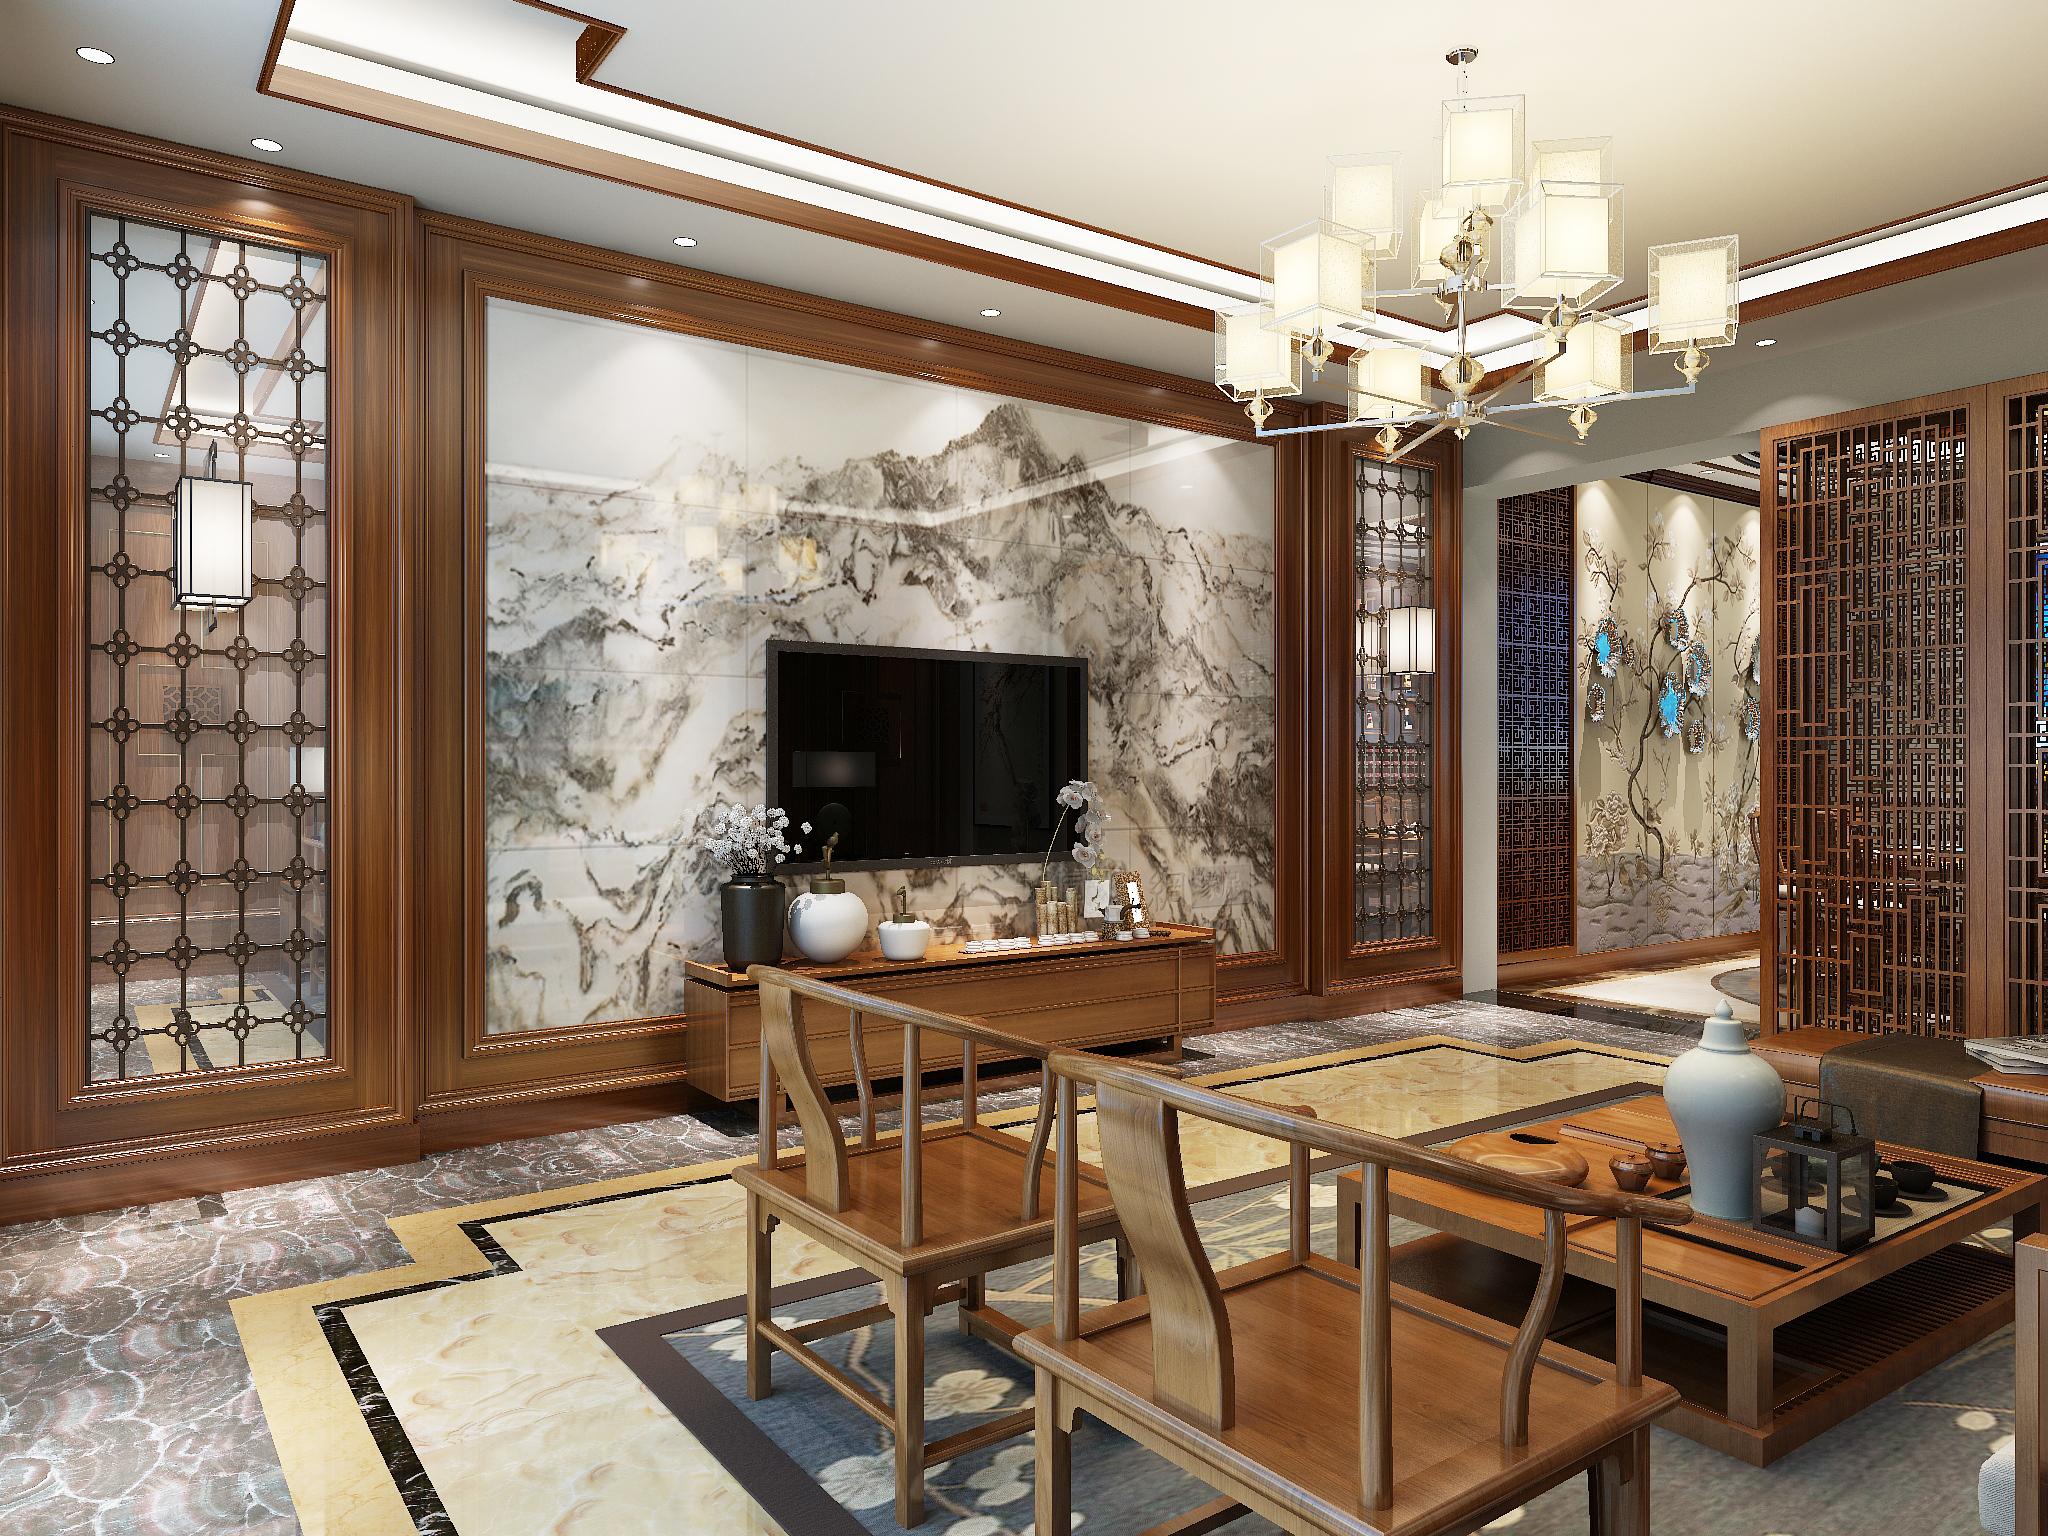 瀚森整木定制家居—中国人自己的全屋定制品牌